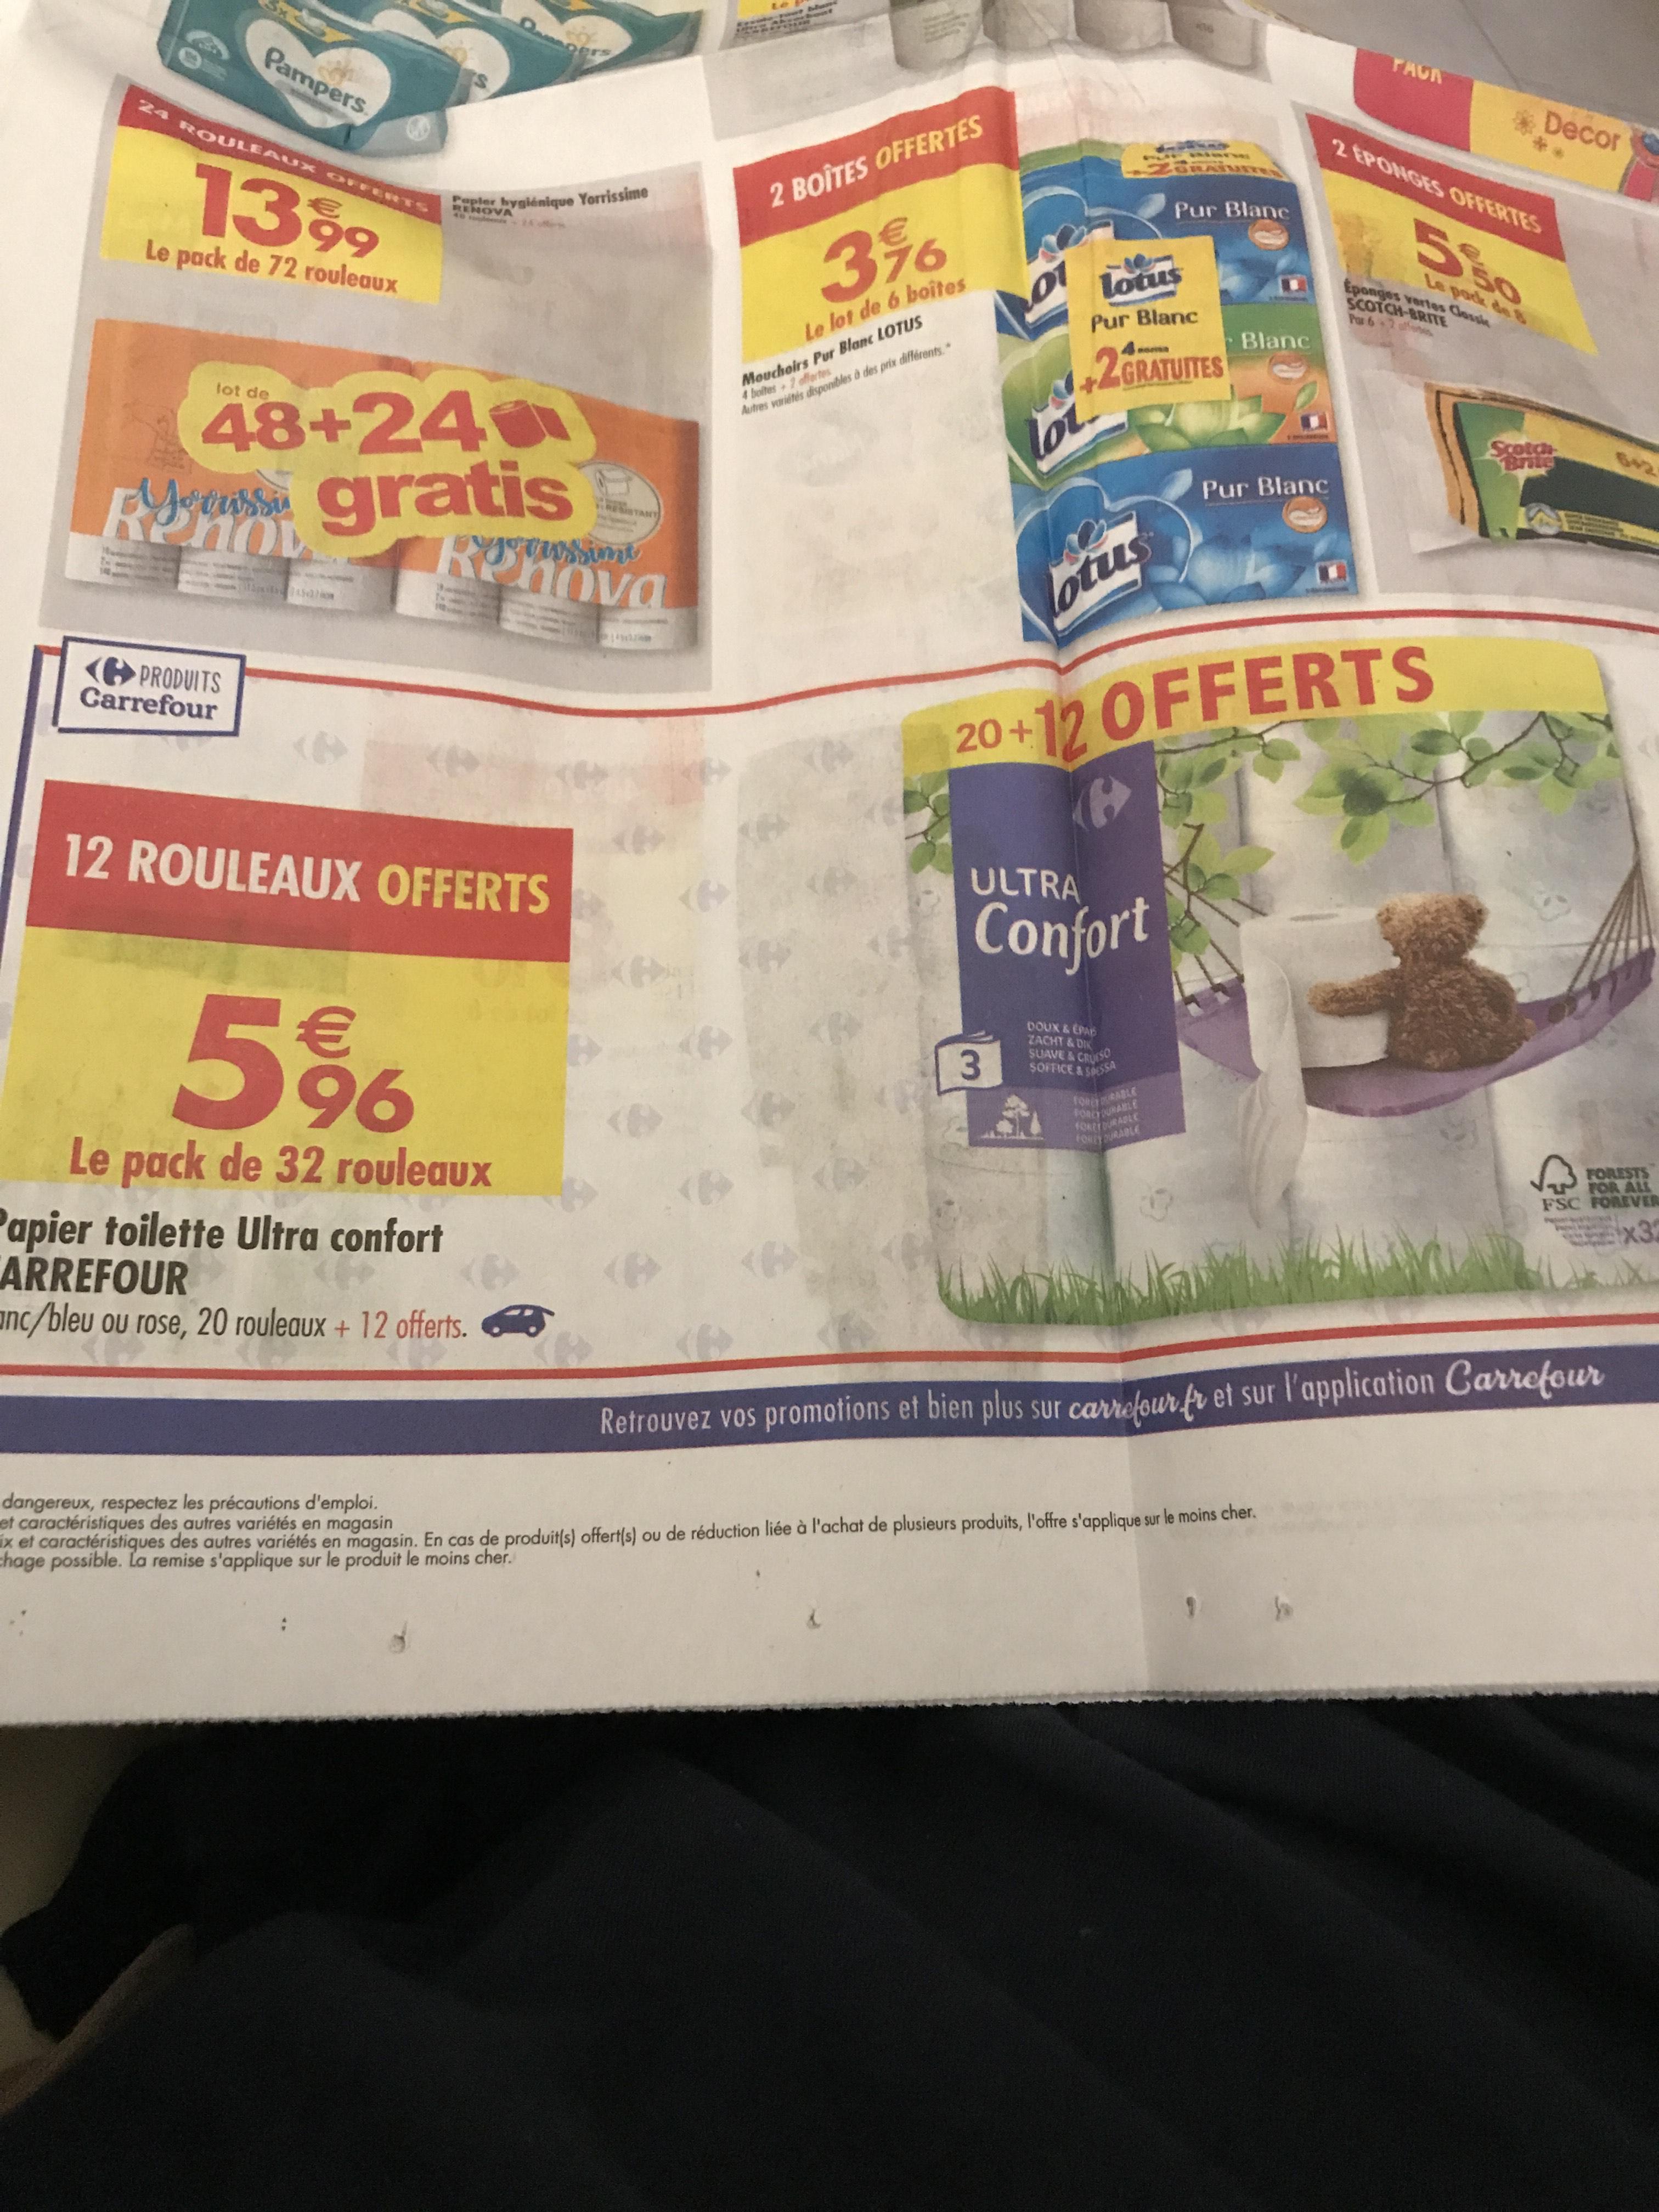 Pack de 32 rouleaux de papier toilette Carrefour Ultra confort